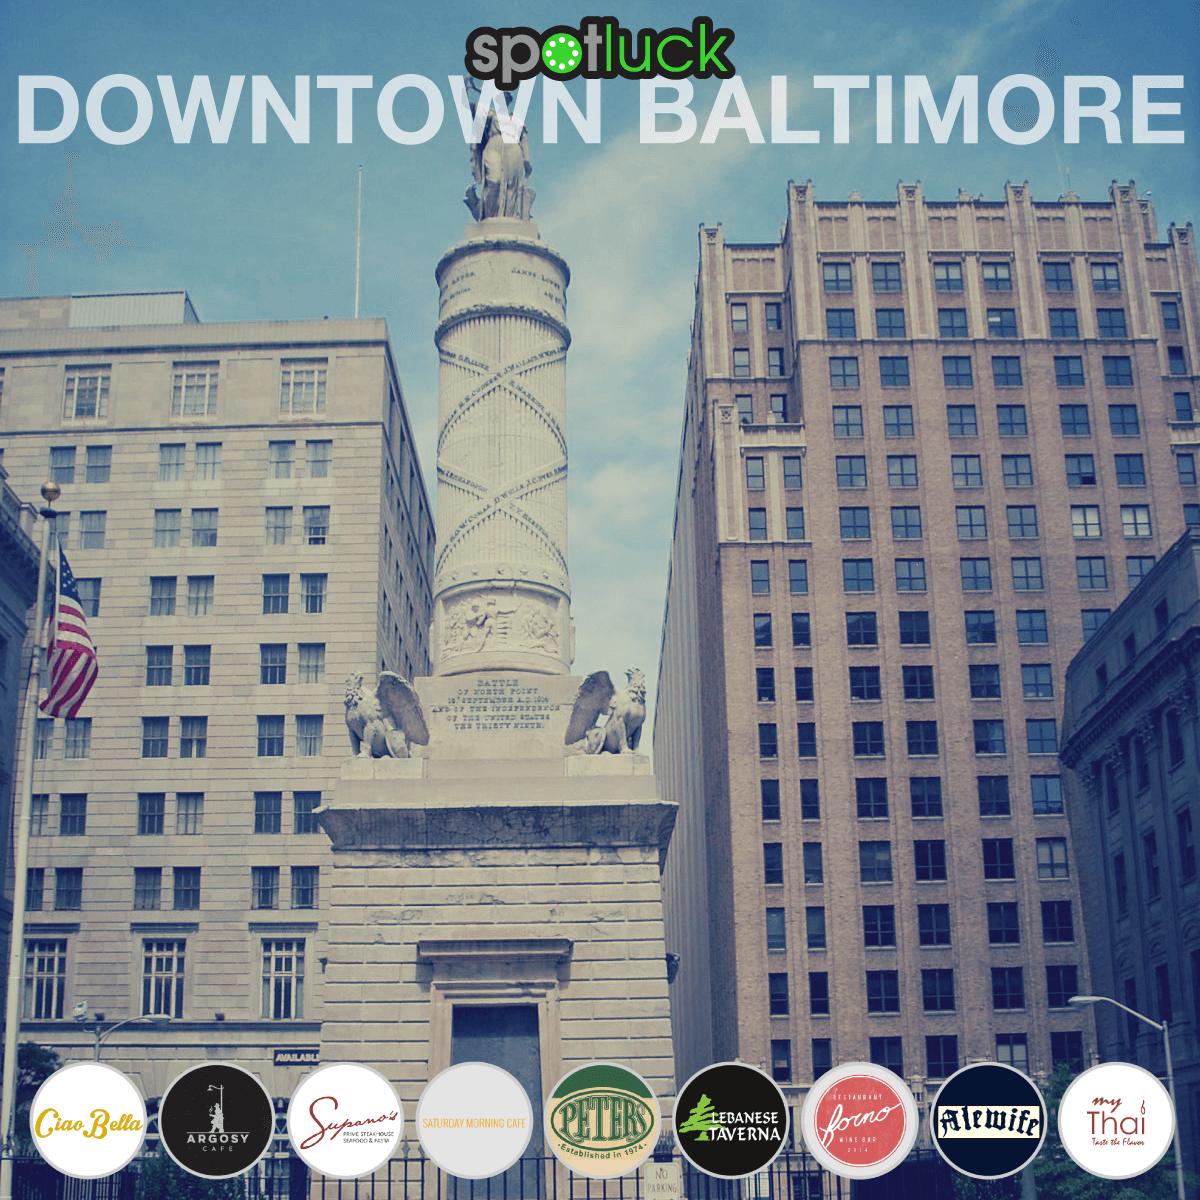 downtown-baltimore-spotluck